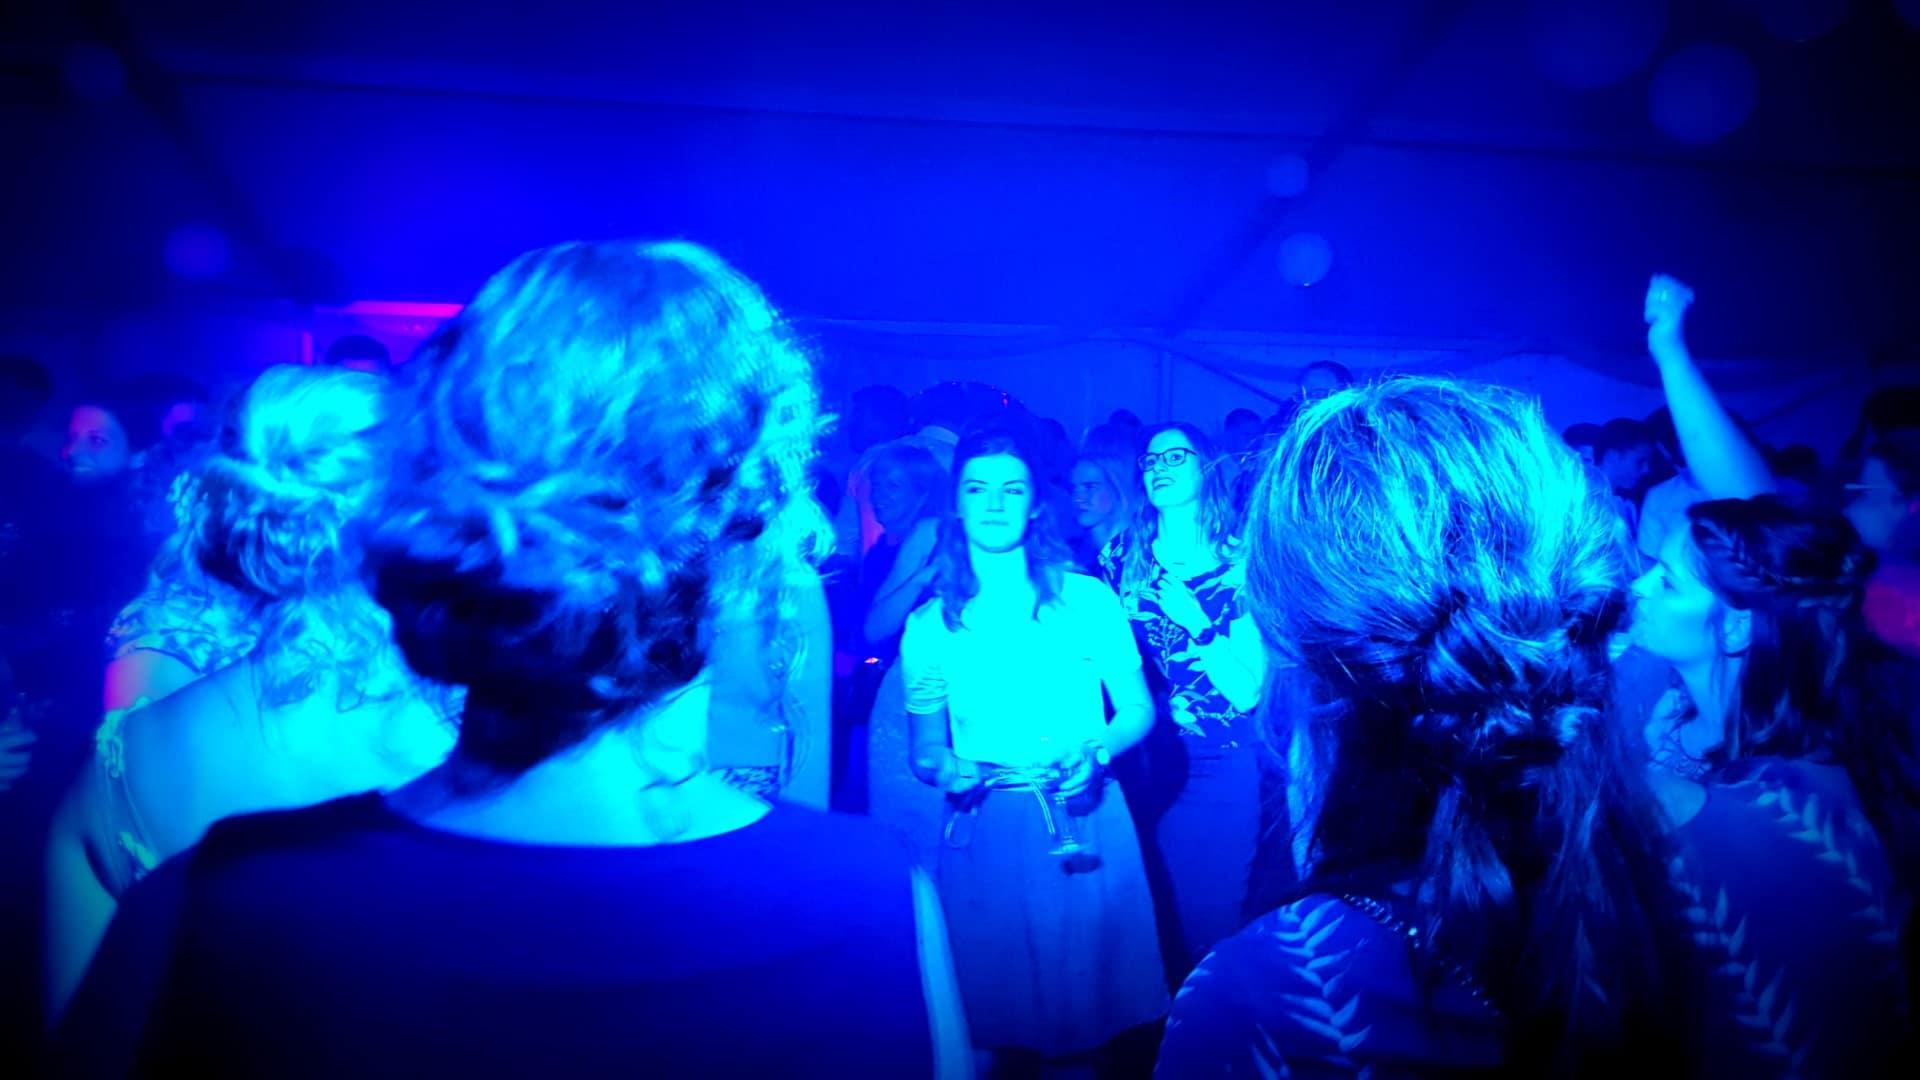 Velose Feest DJ's in Limburg voor feesten en disco's